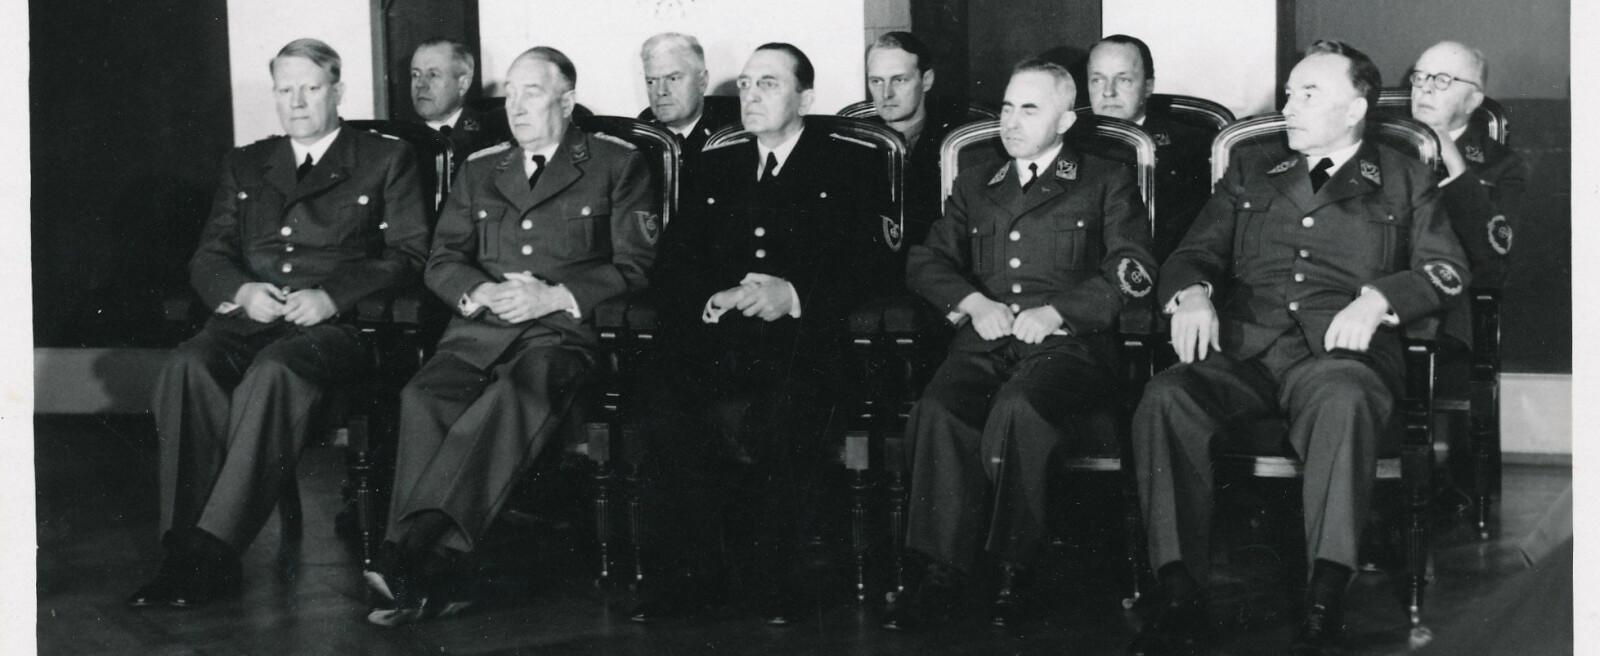 Her er Vidkun Quisling (foran t.v.) med sine statsråder. NTH-professor og kirke- og undervisningsminister Ragnar Skancke sitter foran som nr.2 fra høyre.